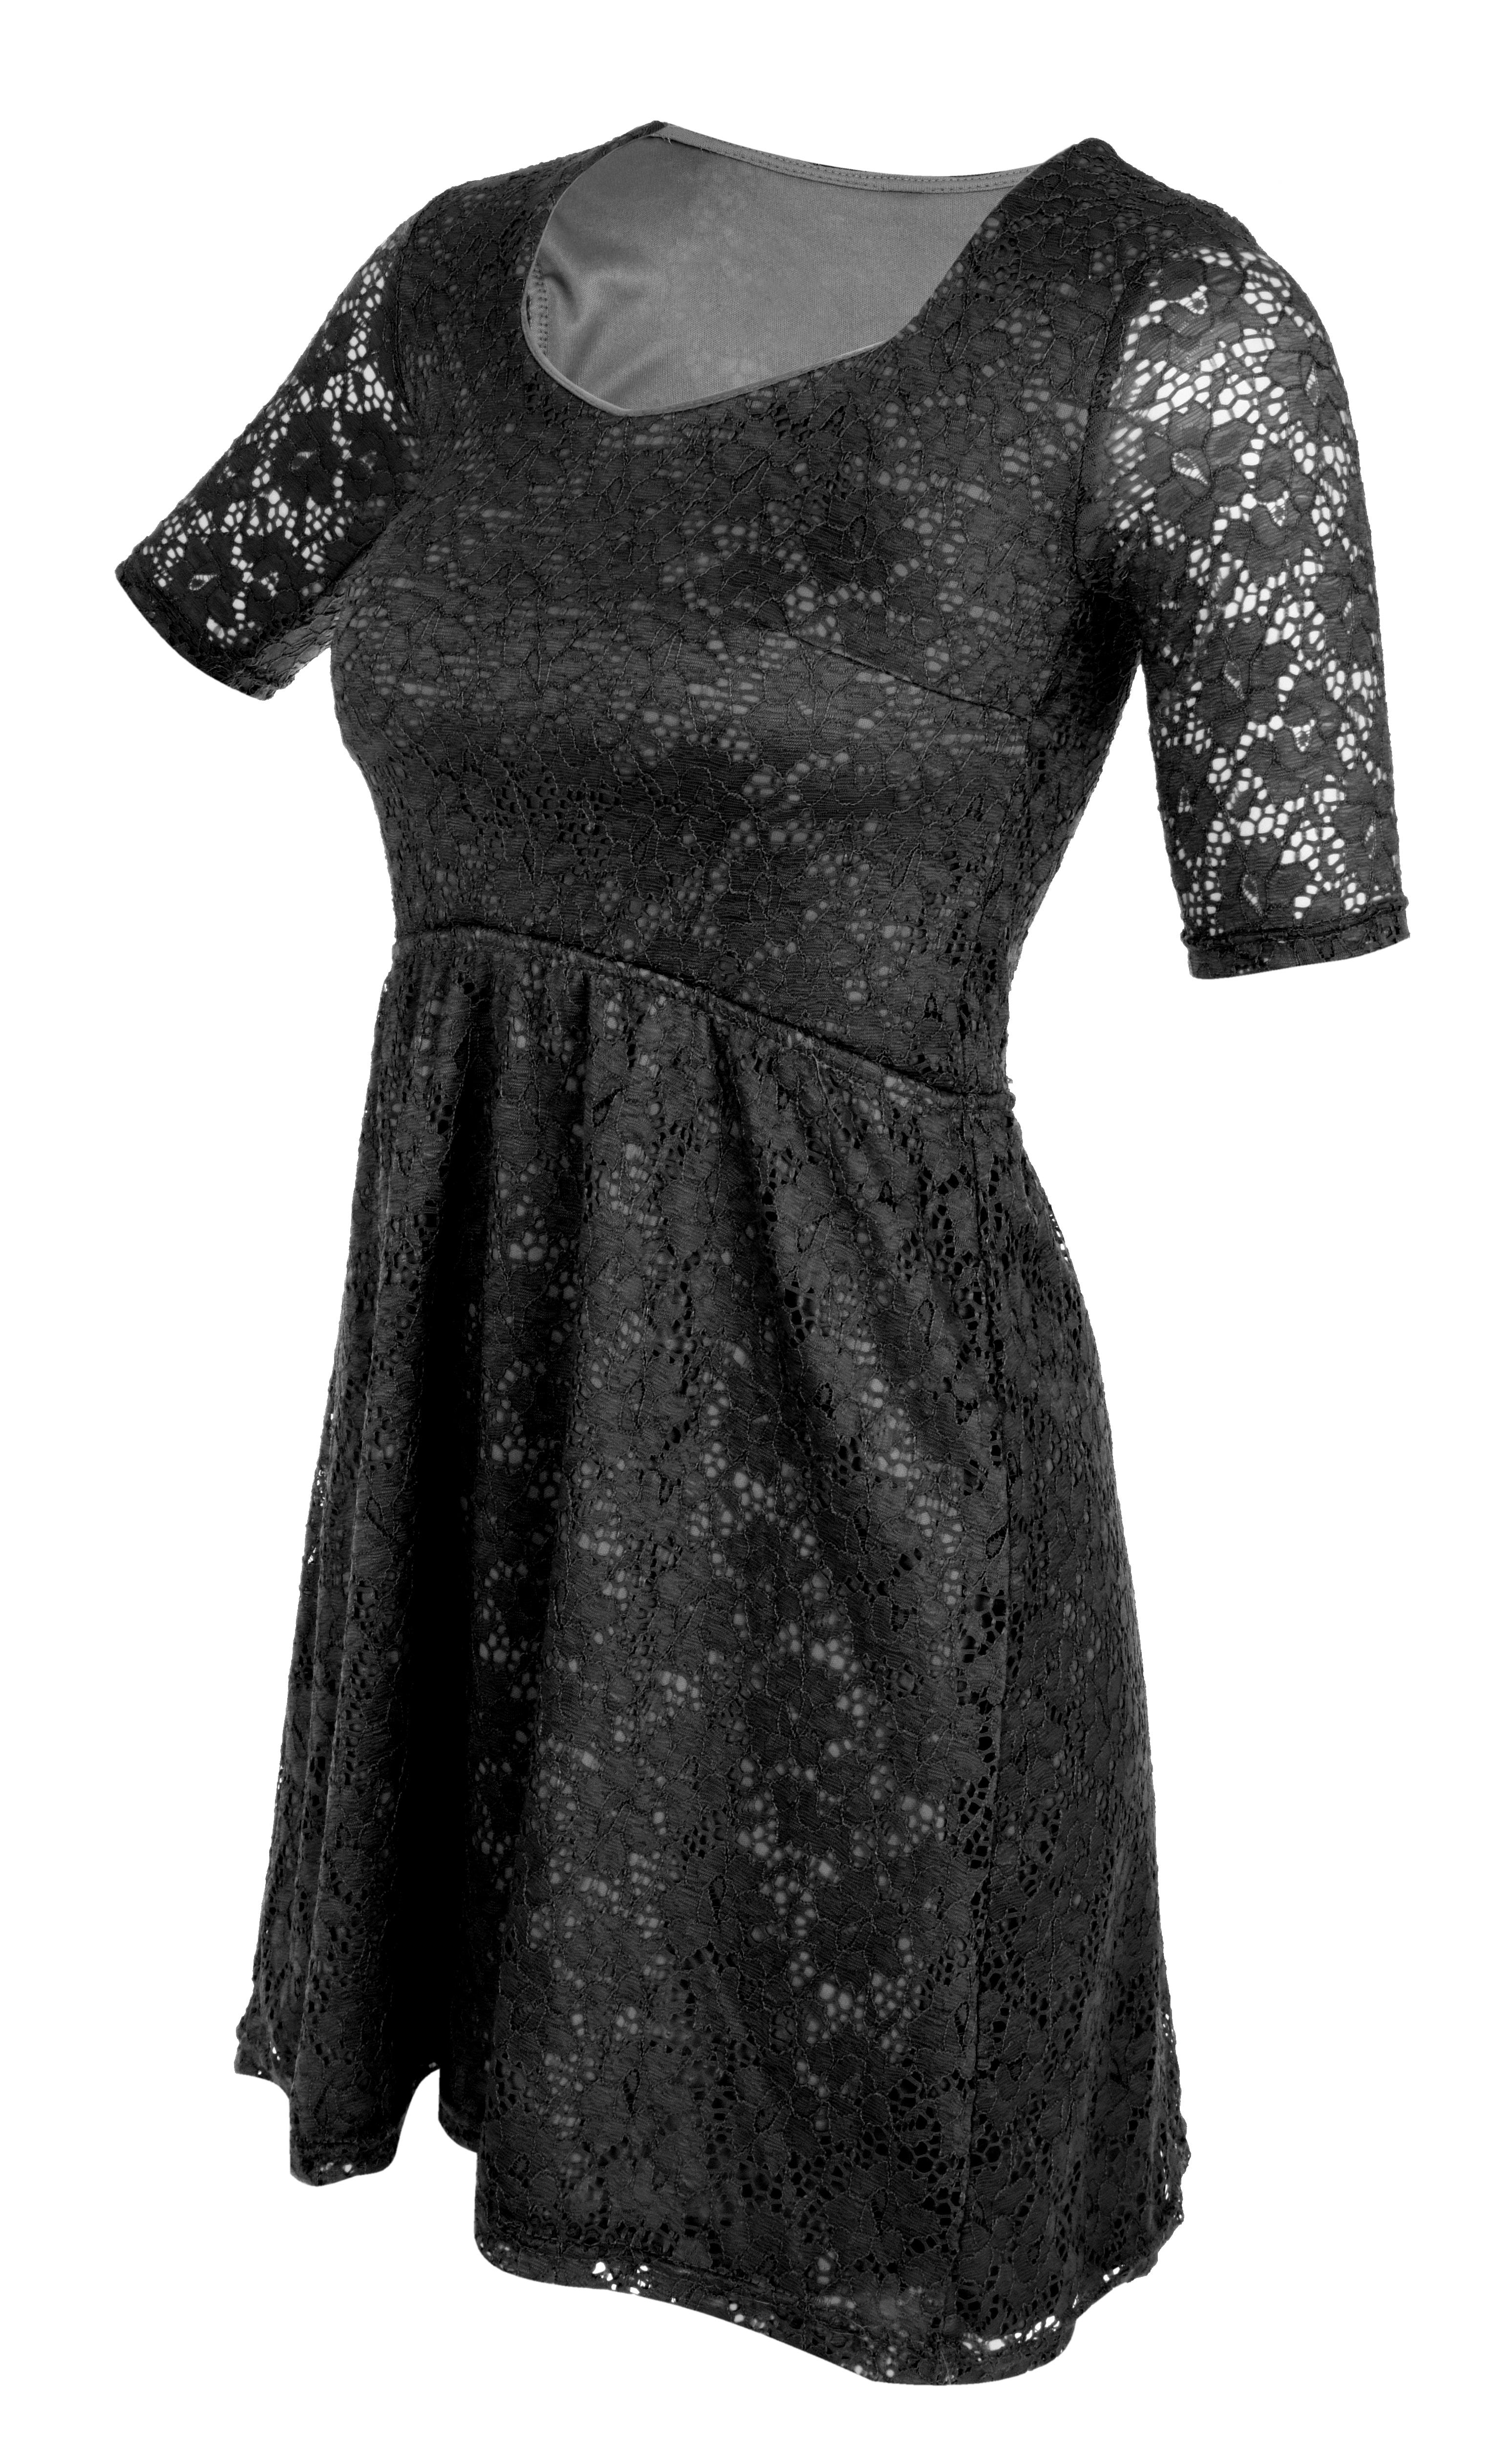 LACY krajkové šaty s podšívkou černé